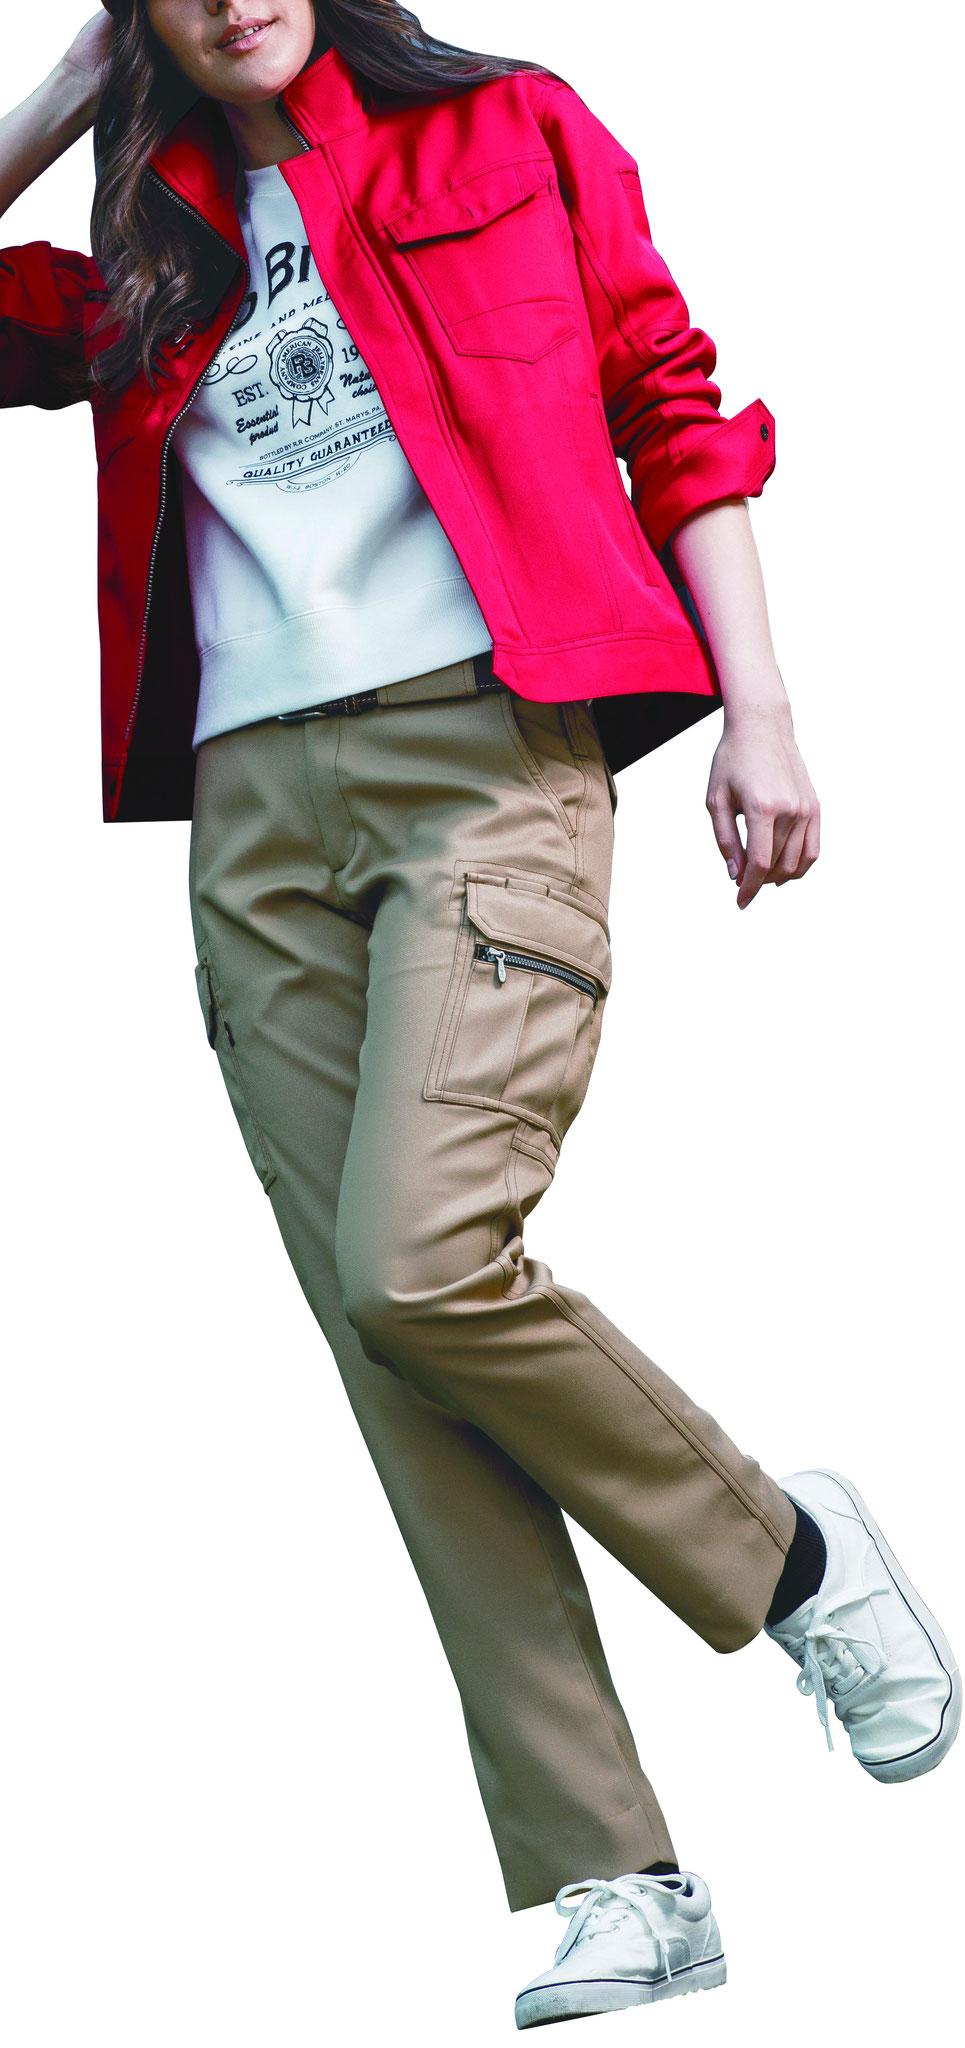 BURTLEバートル~ 7089 レディースカーゴパンツ ¥2,990(税込)サラッと履きやすく、人気です。